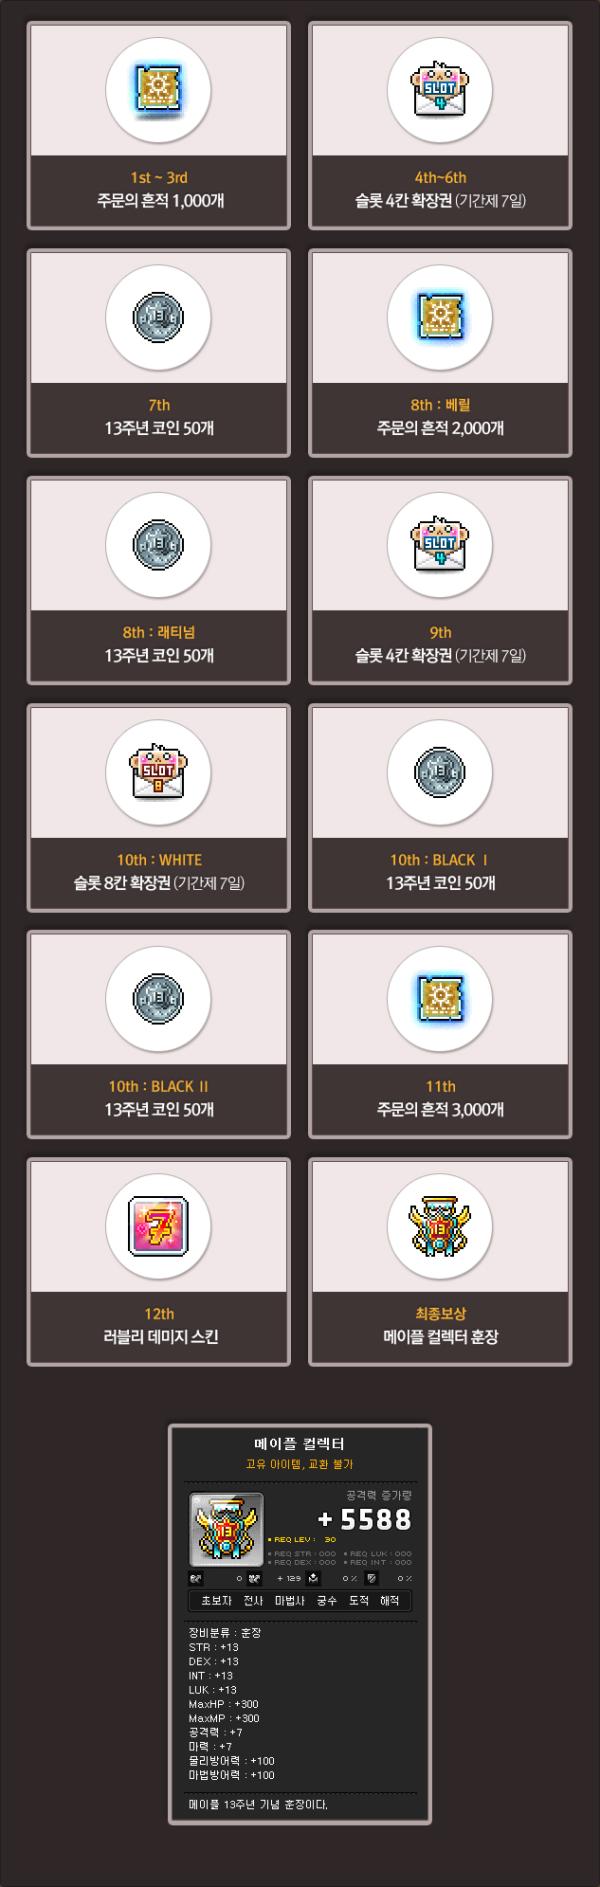 Museum Rewards